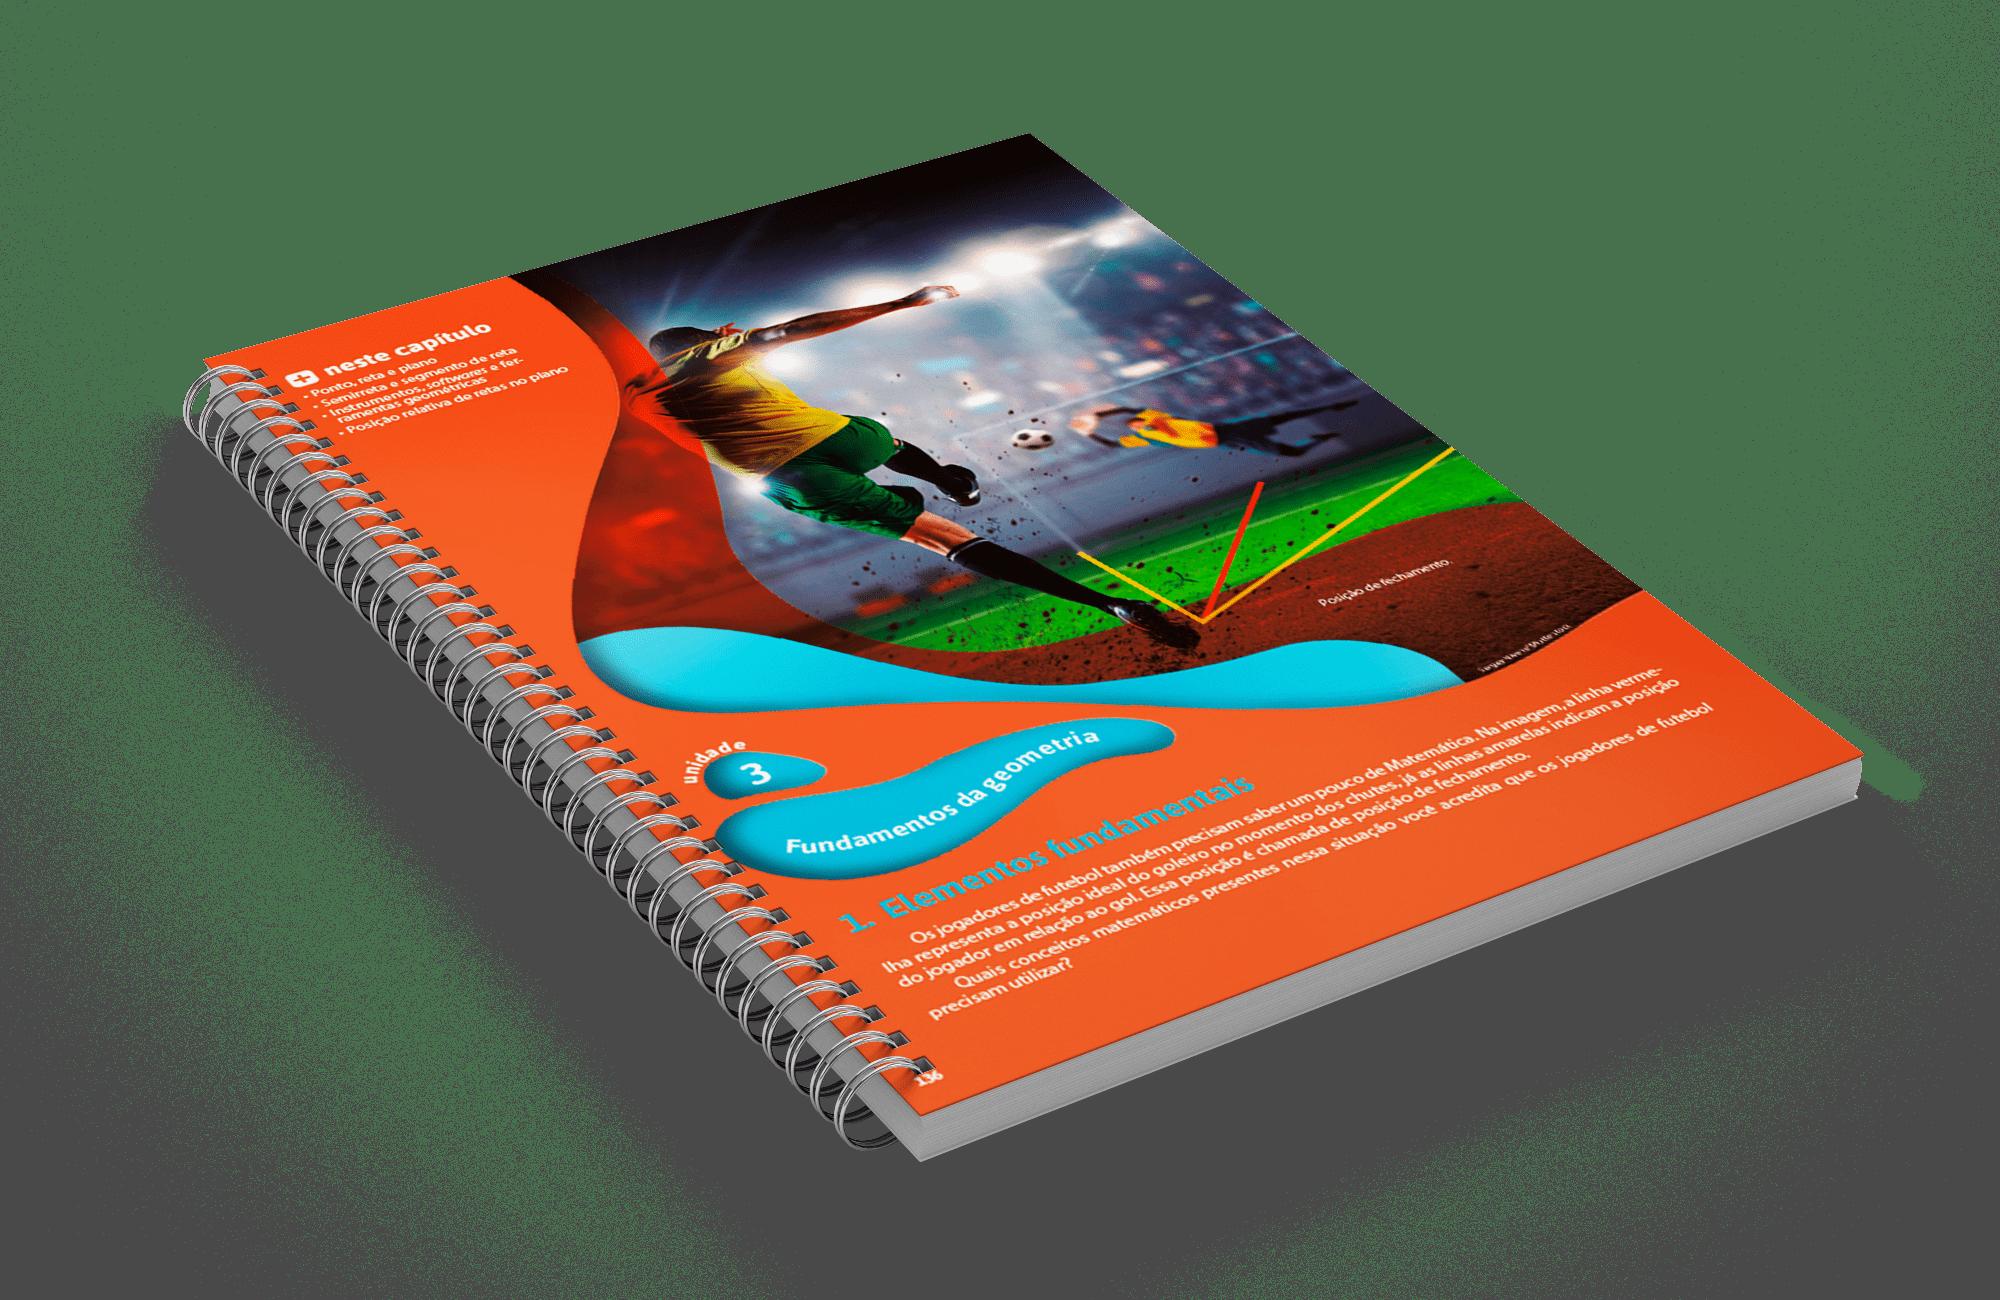 Ensino Fundamental Anos Finais: Descubra o material do SAE Digital